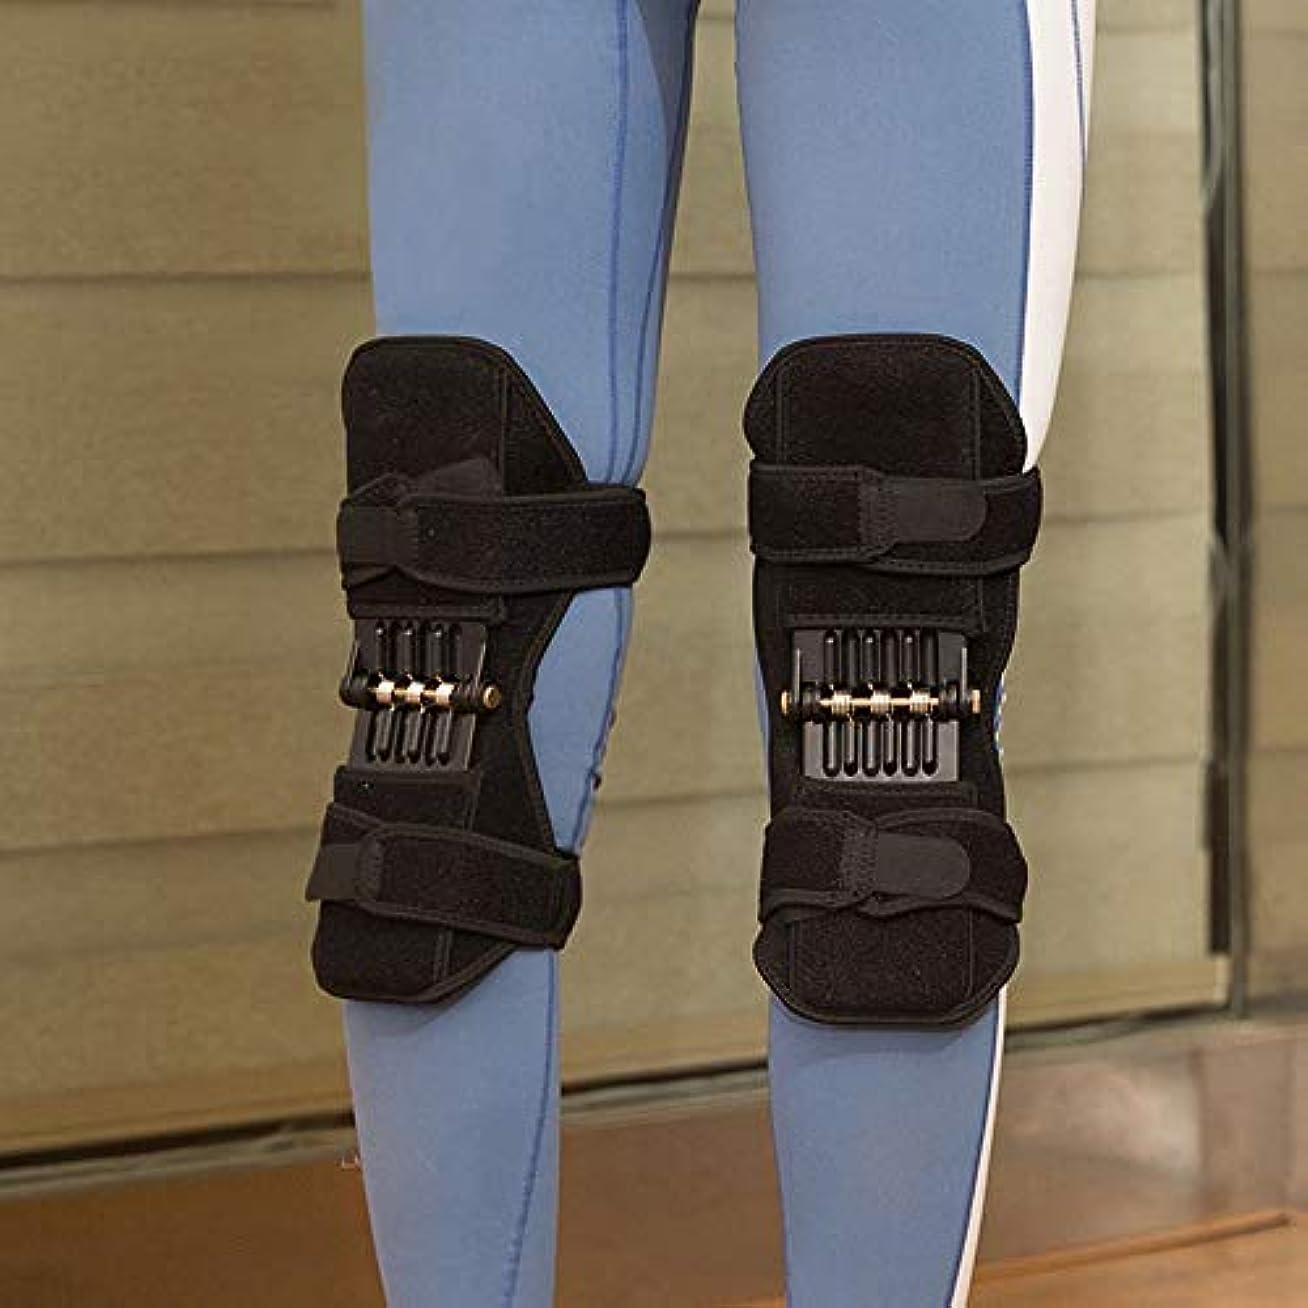 血色の良い暗殺する電気的1 ペアスポーツ 春の膝 ストラップ 登山 ランニング 膝 ブースター 膝 パッド 膝関節保護 マッサージツール